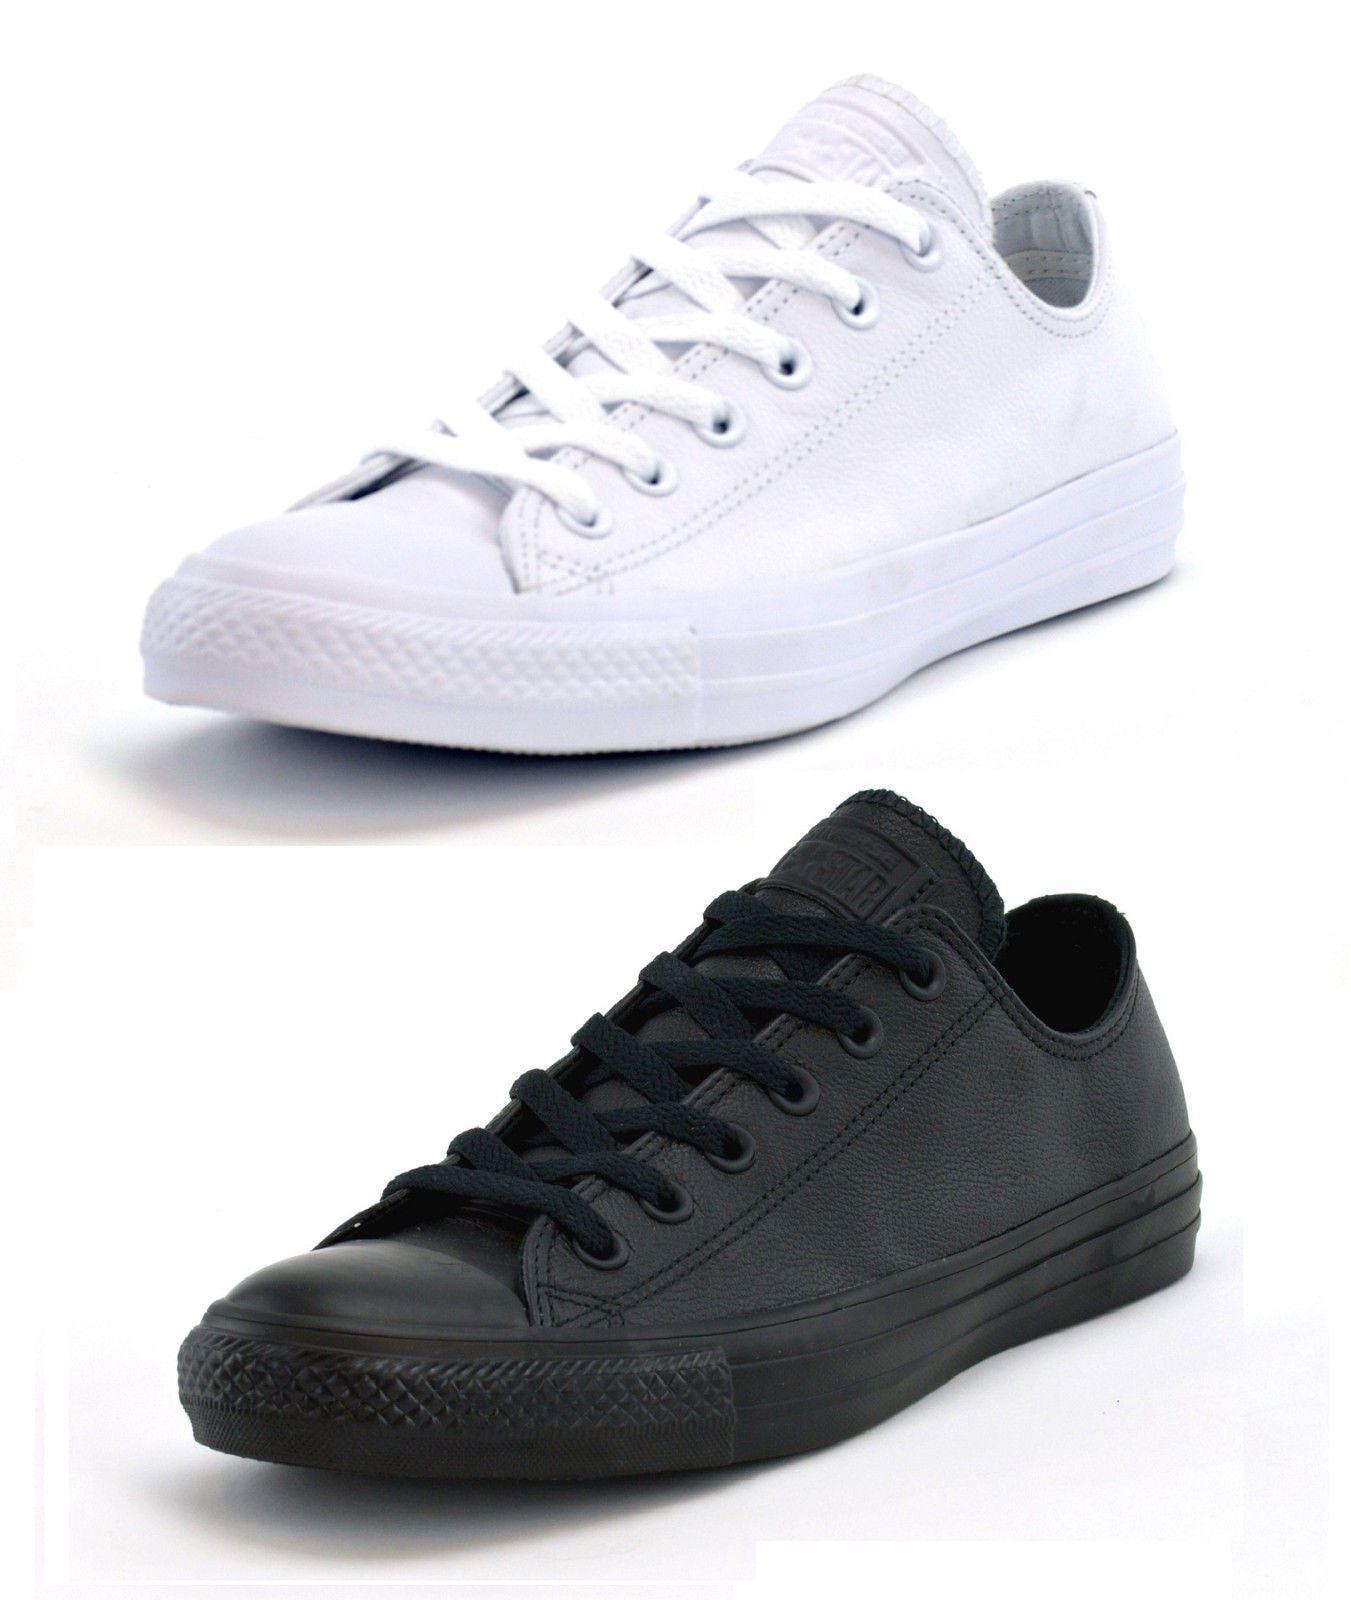 Converse chuck taylor oxley scarpe e scarpe oxley basse uomini migliori allenatori neri e bianchi 1d2bcd